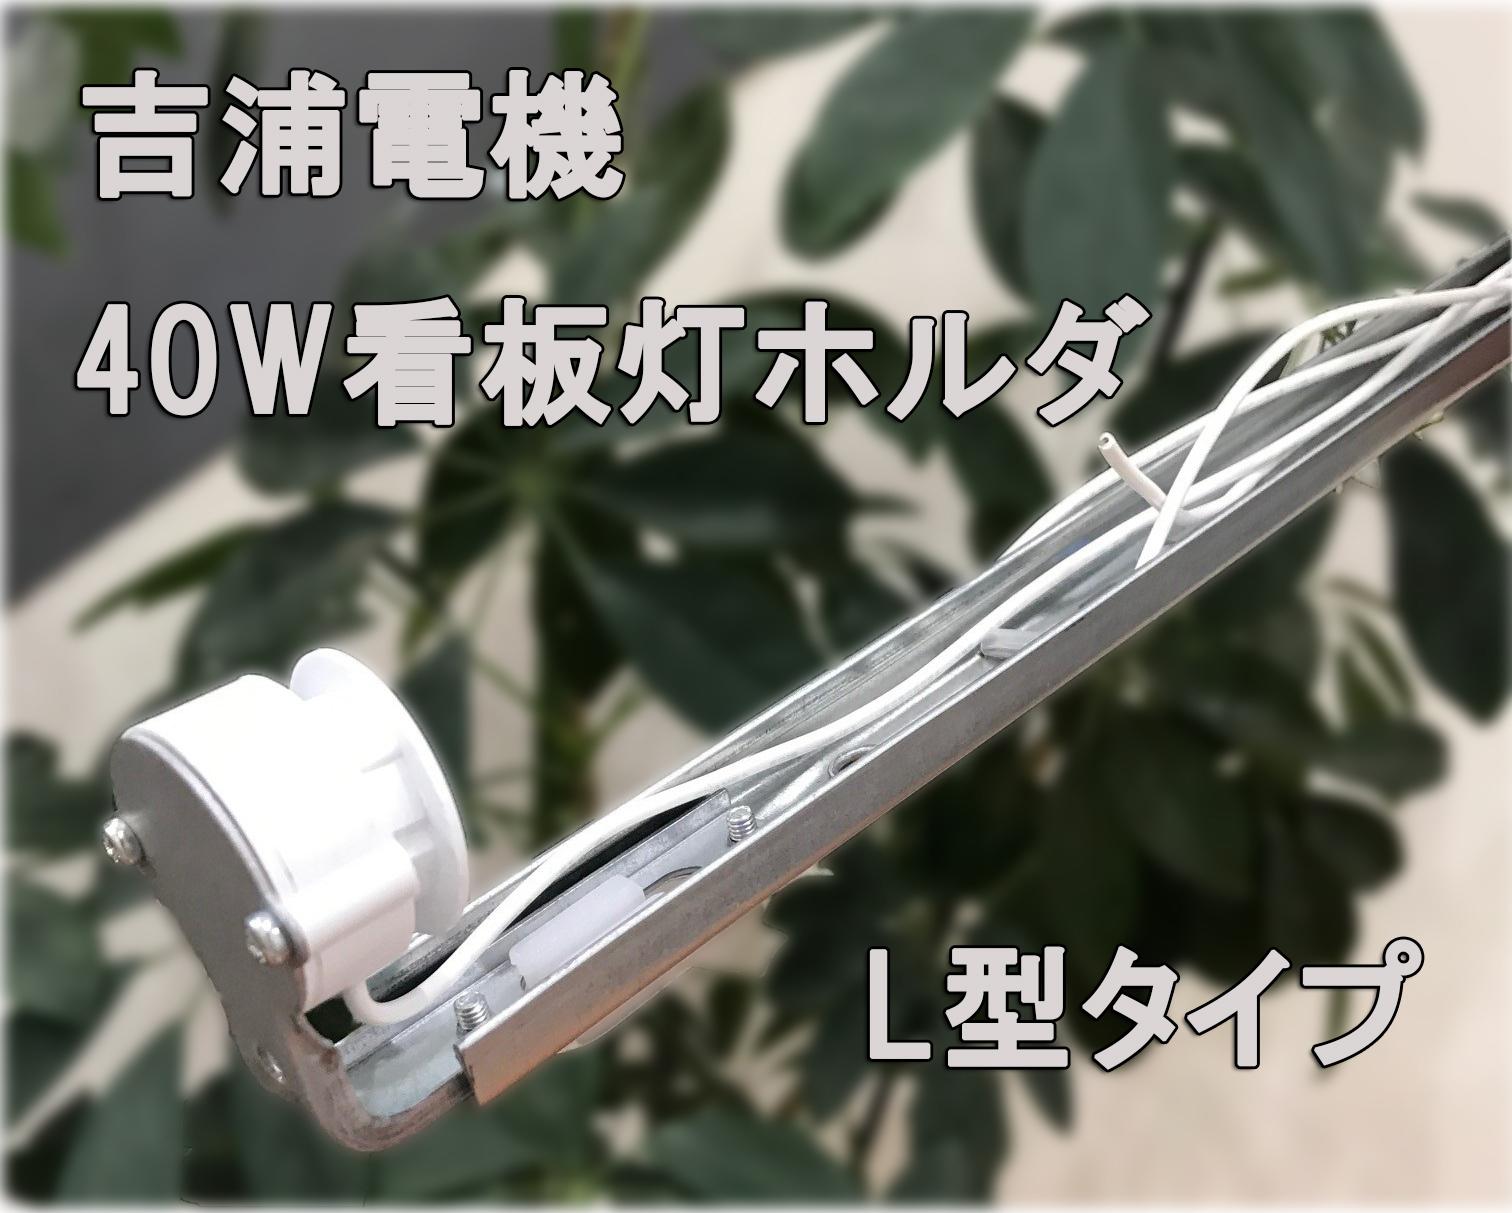 【吉浦電機】既設看板灯の取替にも最適! 40W L型看板灯ホルダー高力率タイプ G13口金 安定器 ※高力率タイプのためコンデンサ付